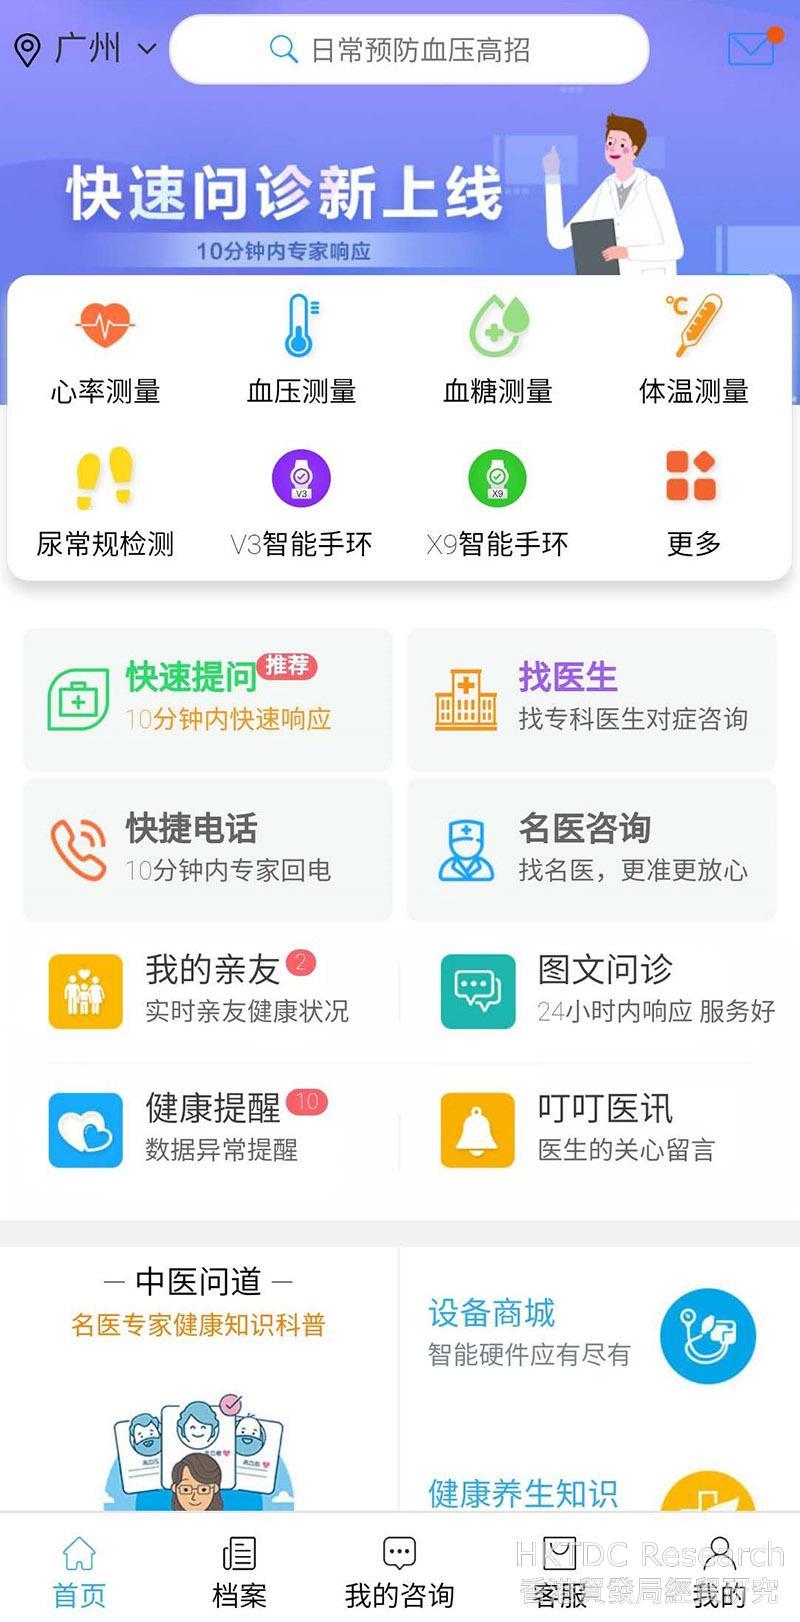 Photo: Yi Jia Xun's user interface